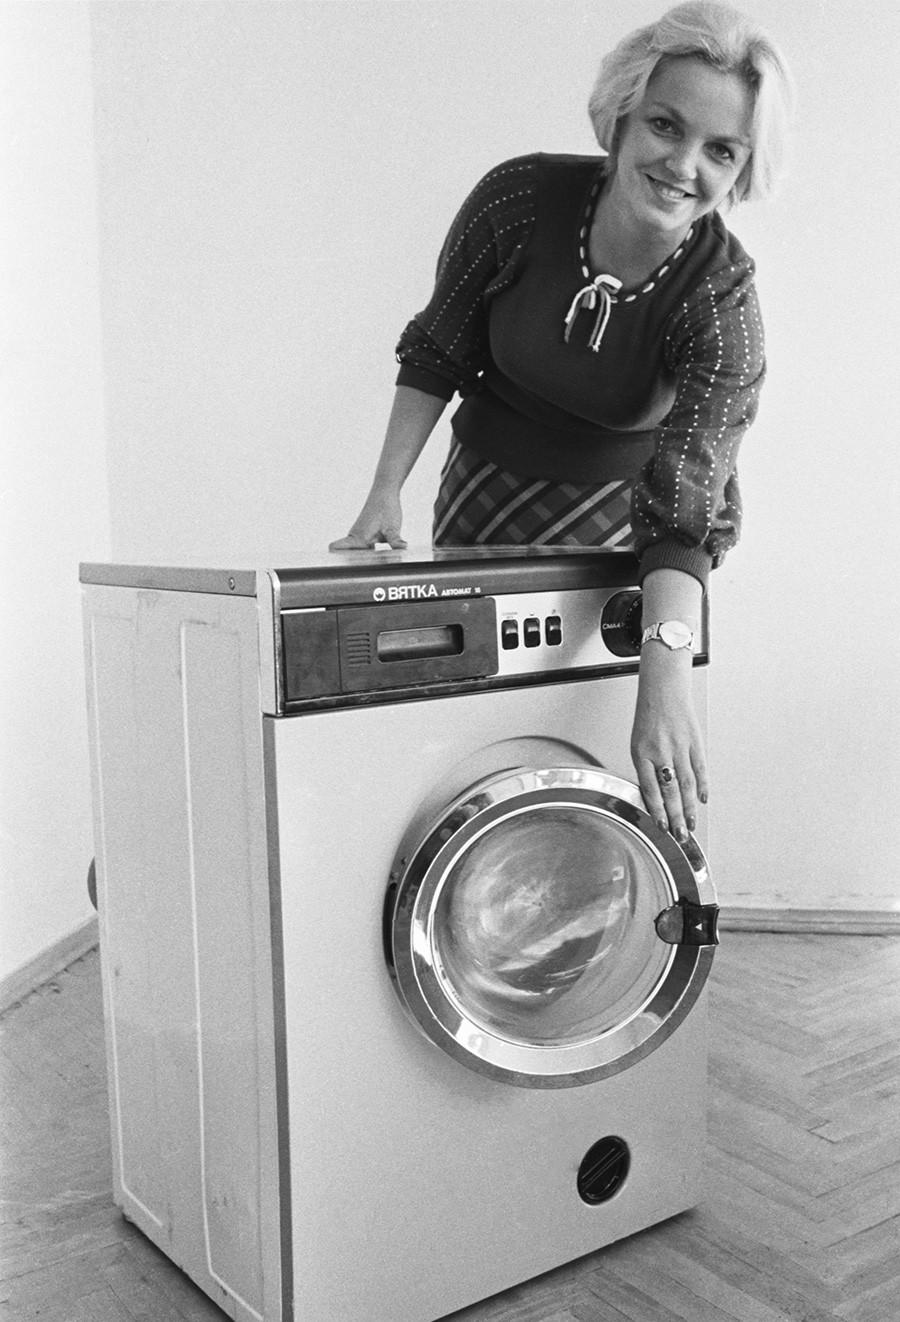 Waschmaschine Wjatka-Awtomat, 1978.